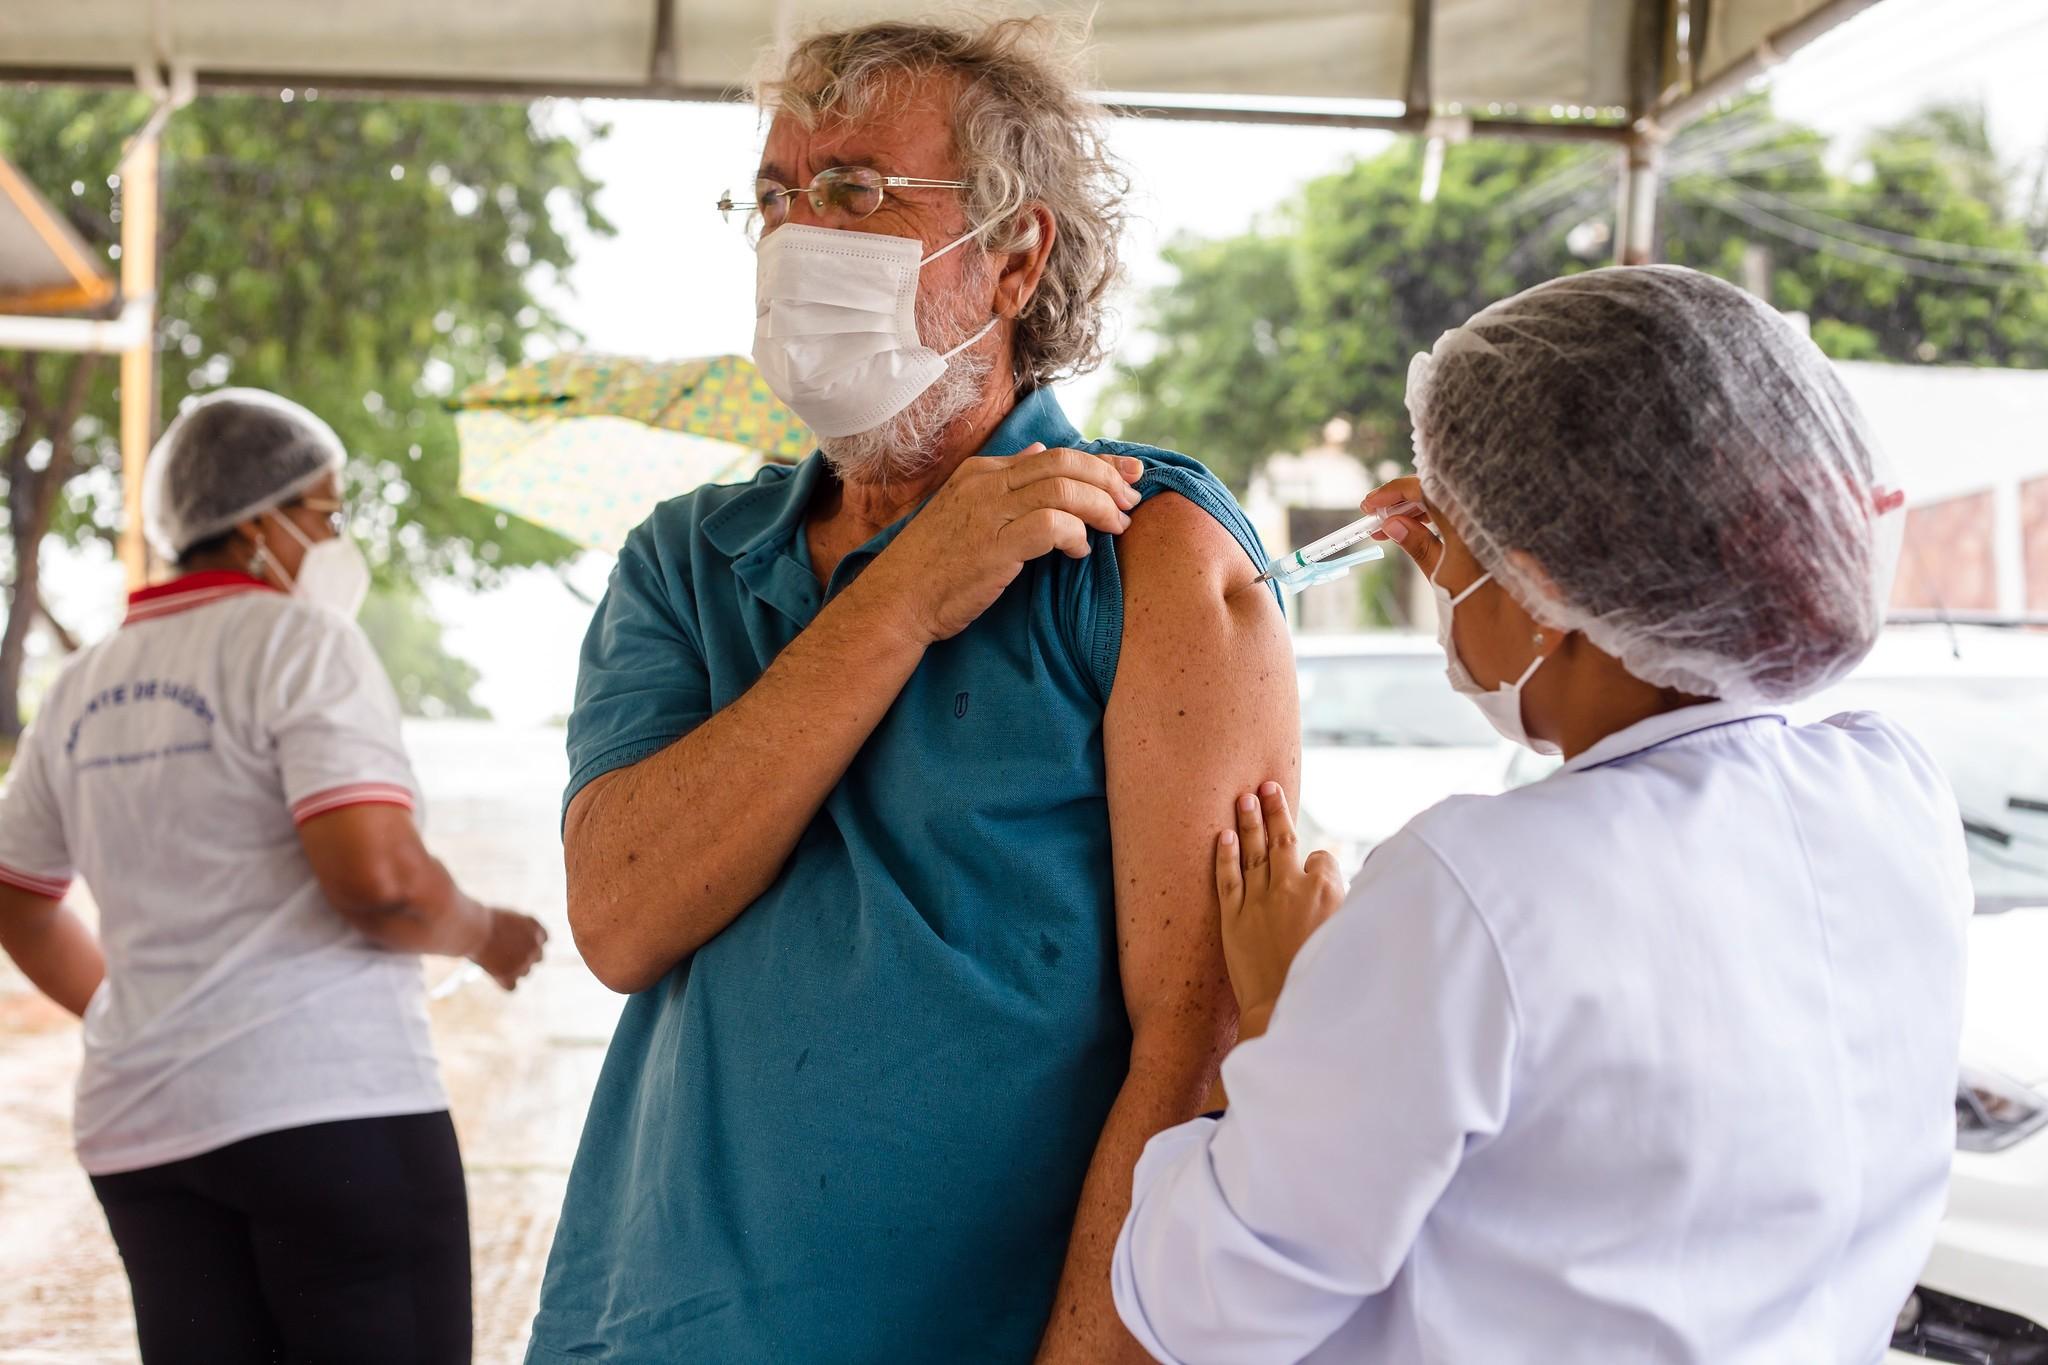 Aplicação da 2ª dose de CoronaVac é retomada em Lauro de Freitas no sábado e domingo, após chegada de novos imunizantes